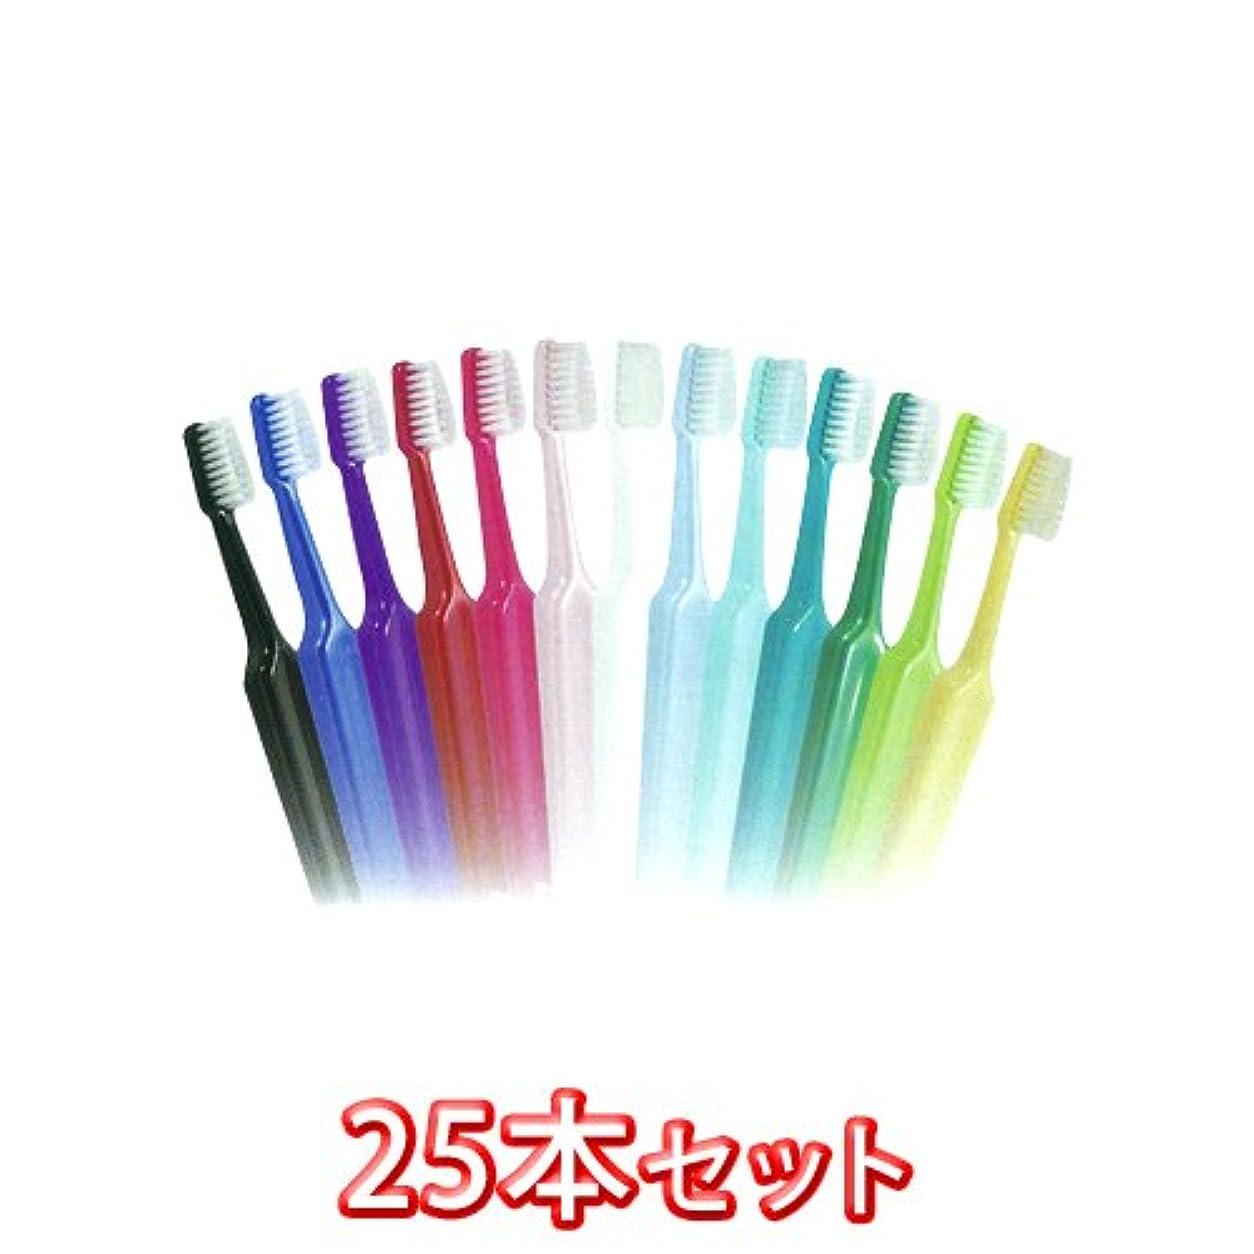 十スカウト属性TePe (テペ) セレクトミディアム 歯ブラシ 25本入